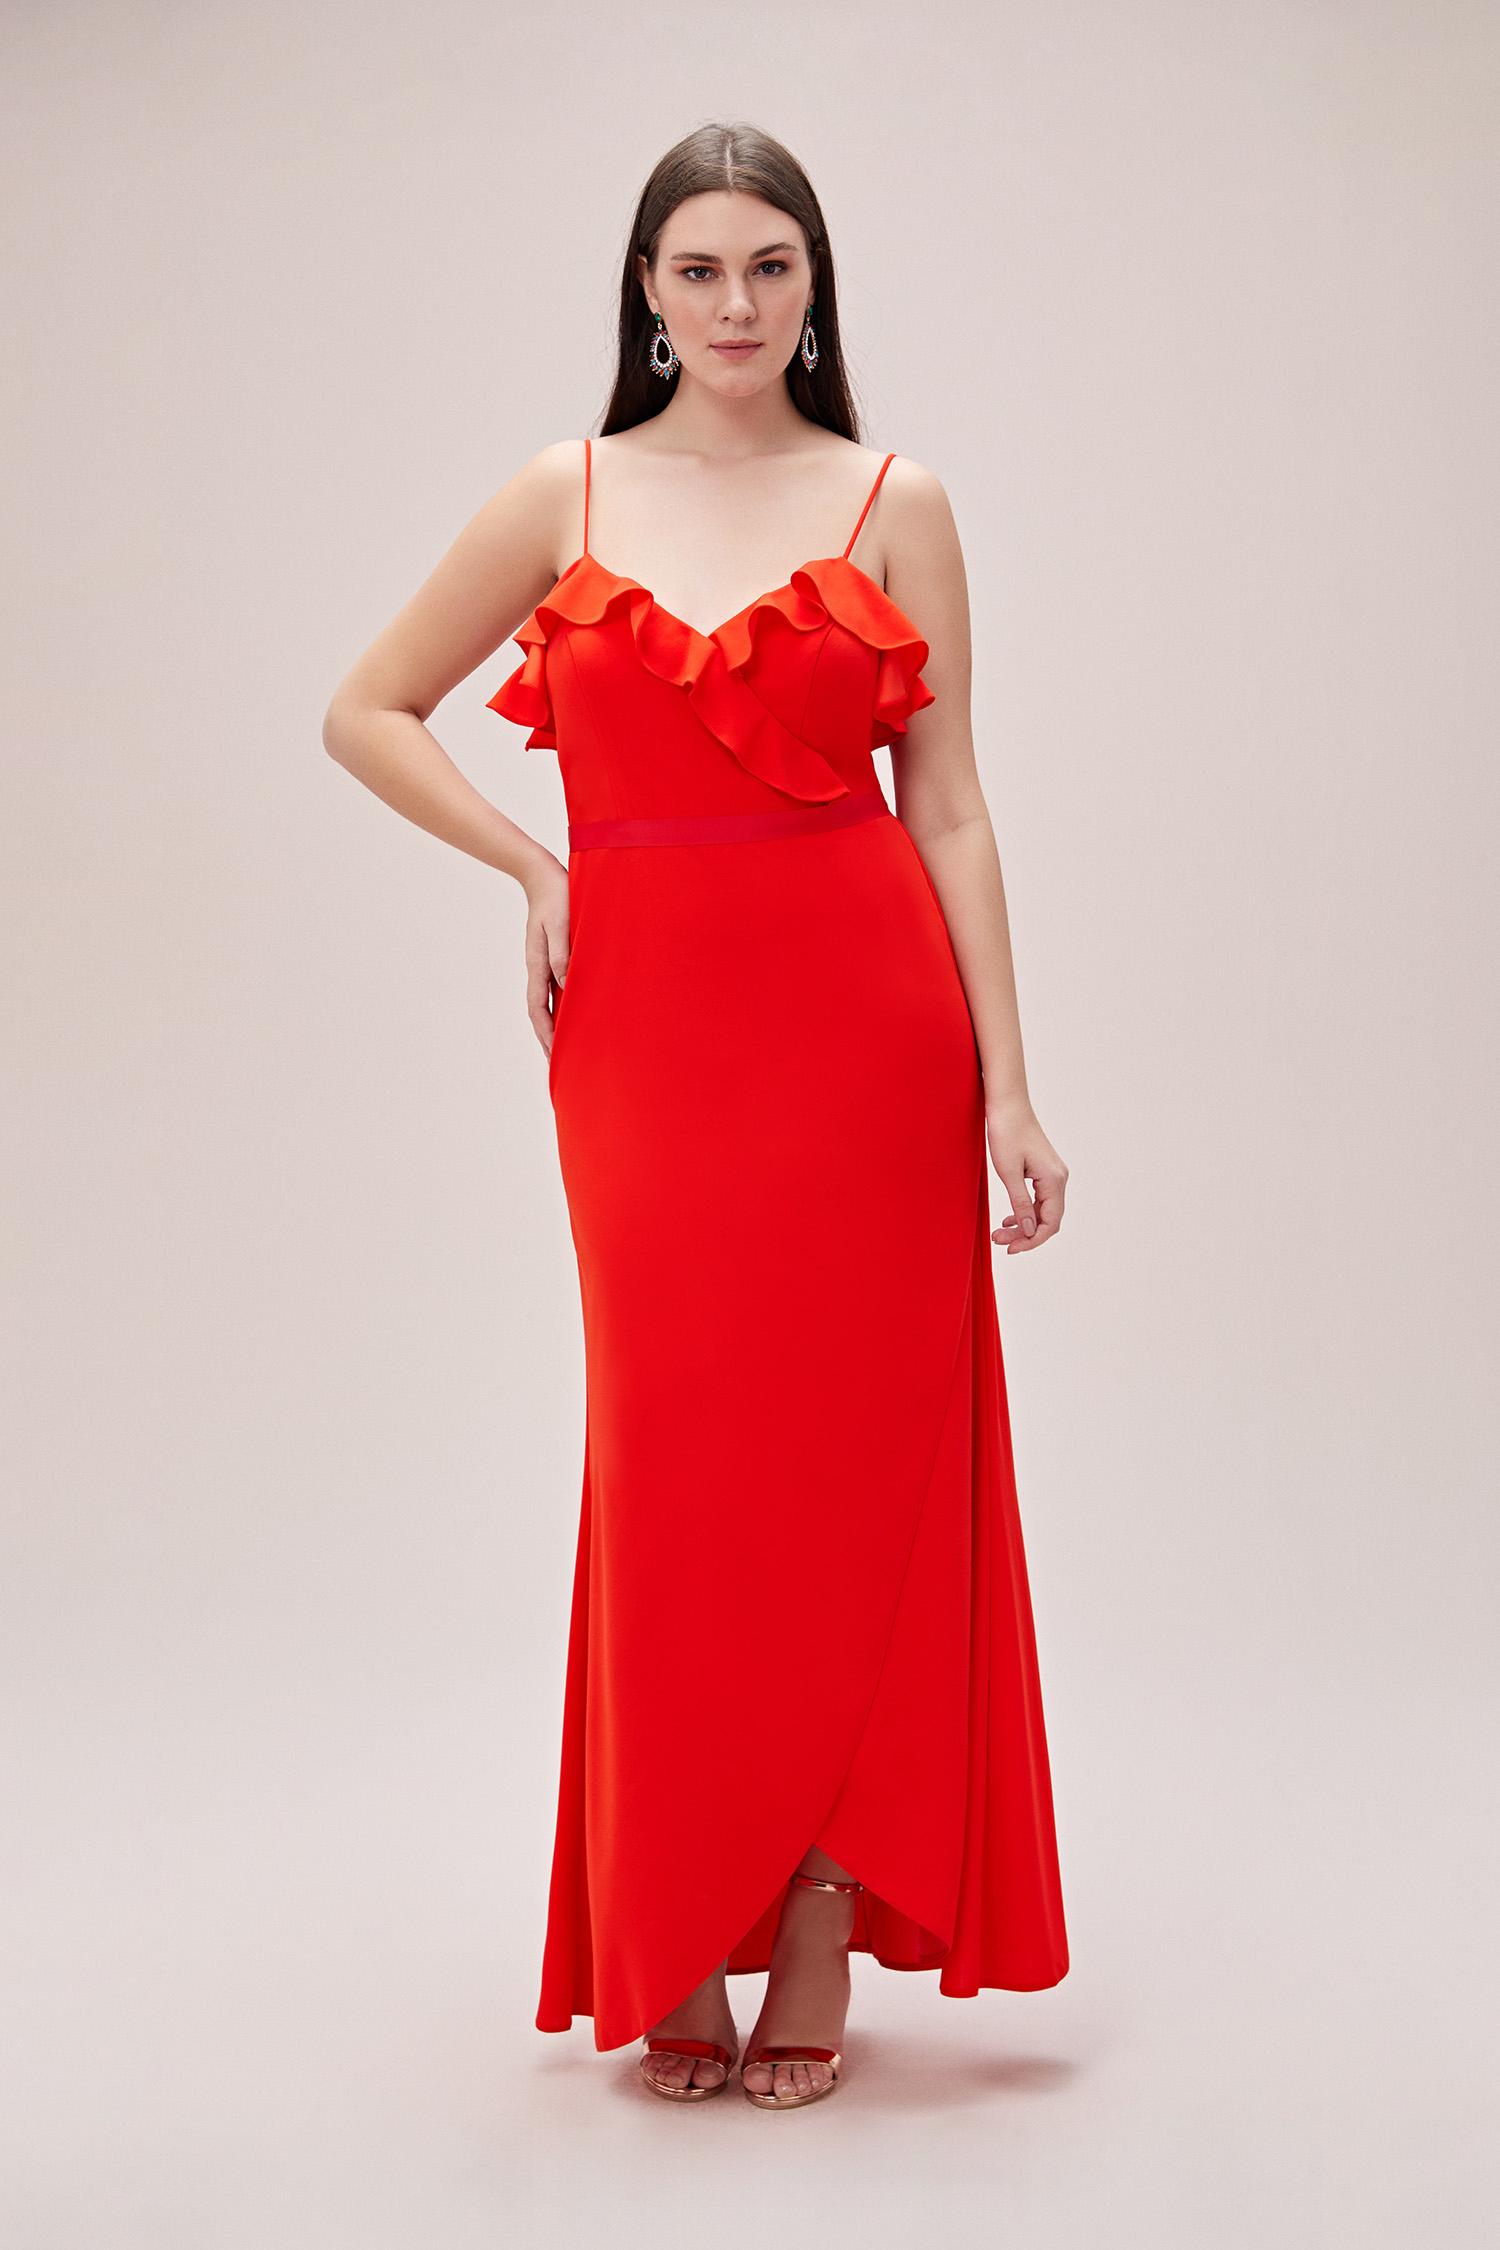 Mercan Kırmızısı İnce Askılı Krep Uzun Büyük Beden Abiye Elbise - Thumbnail